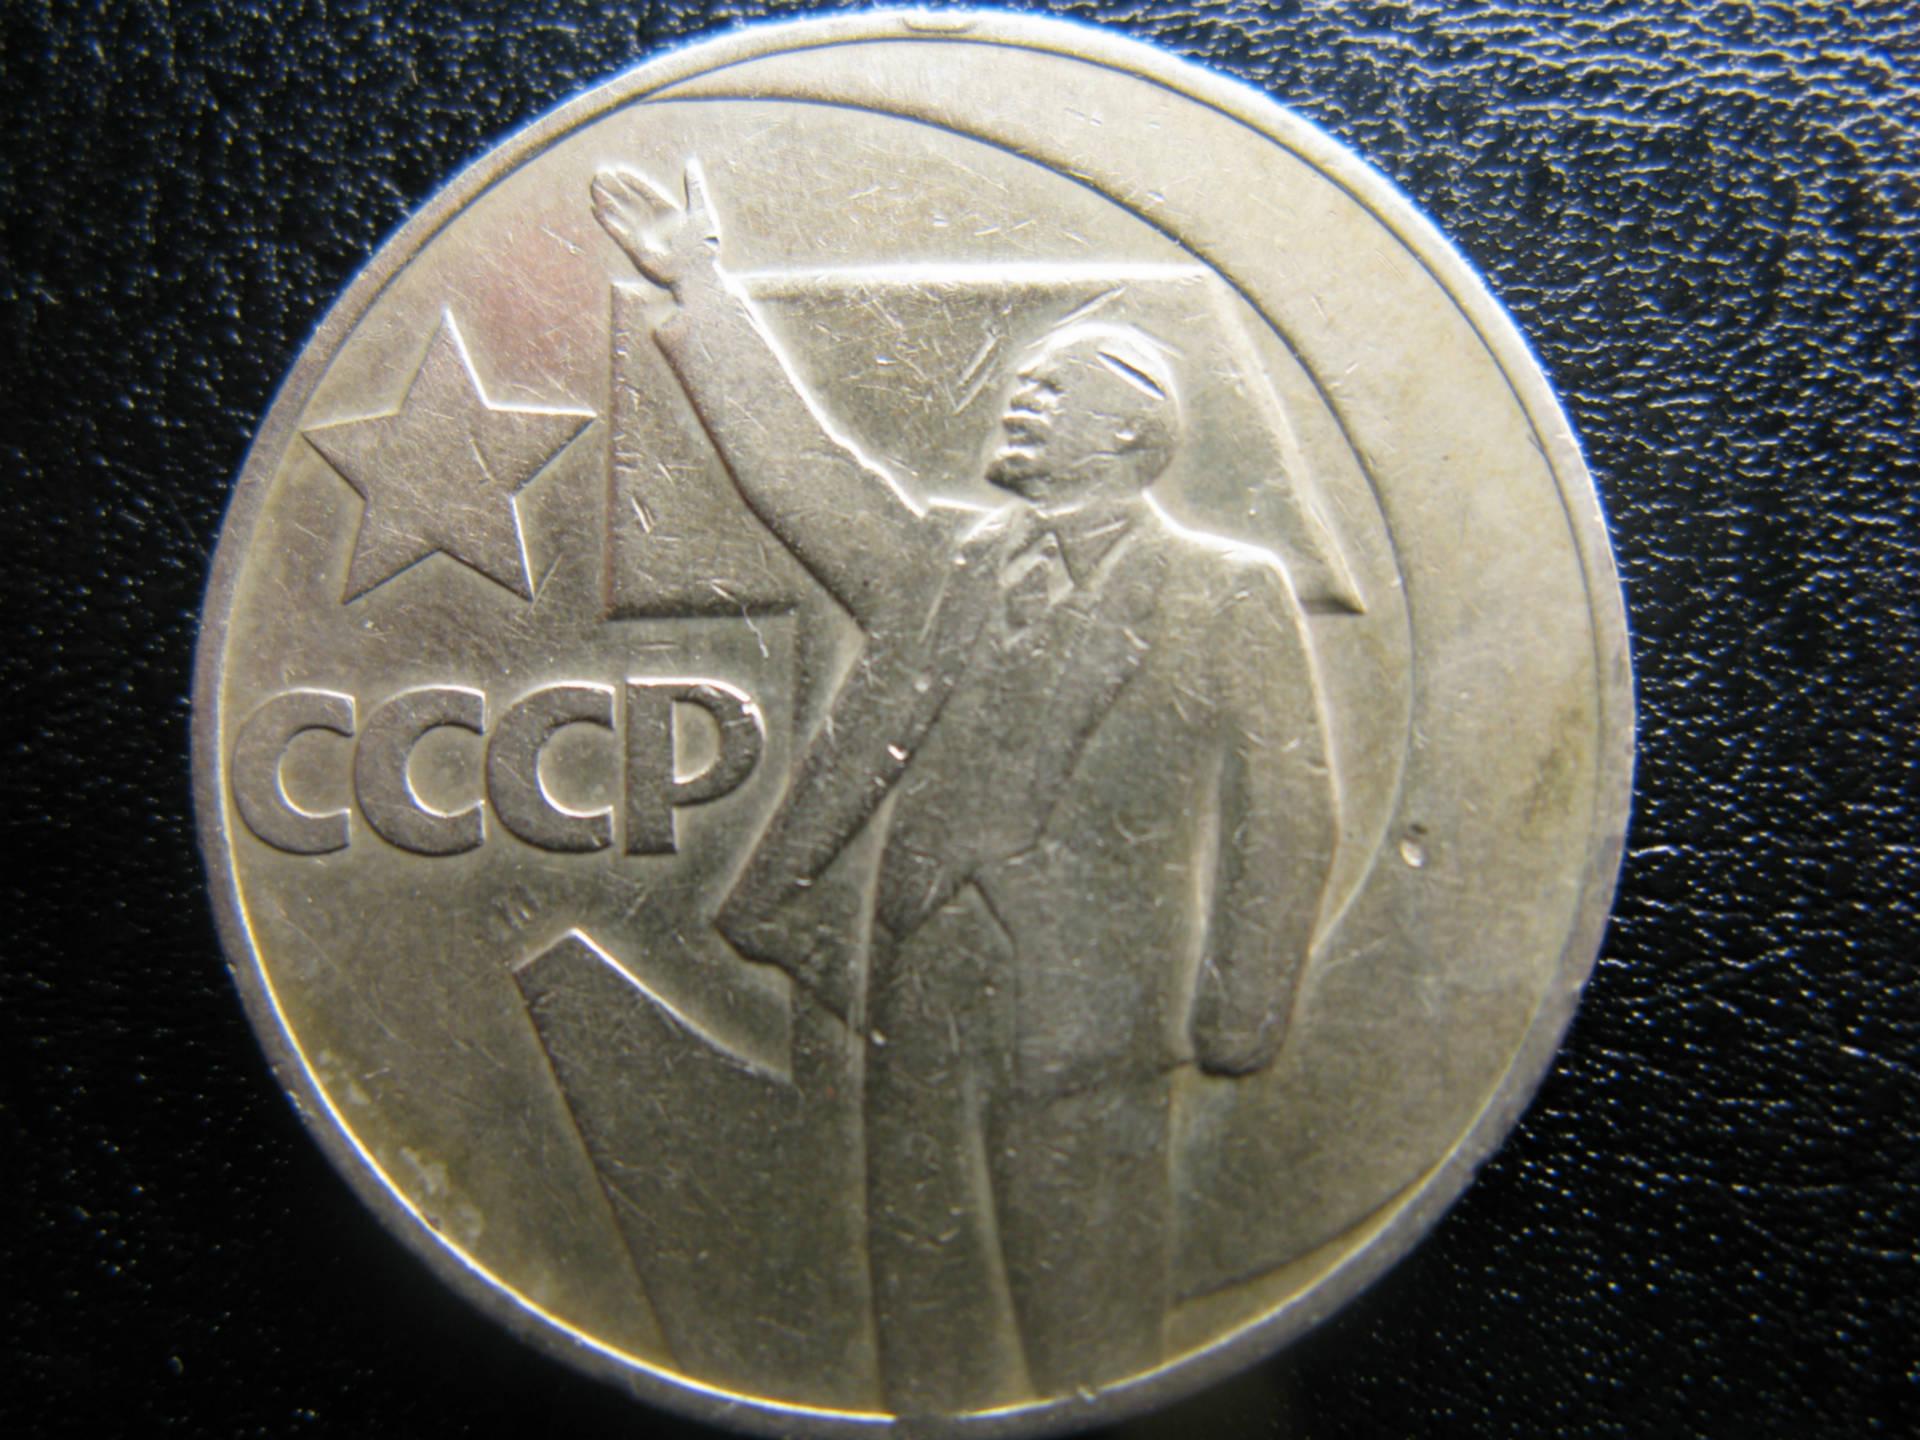 Юбилейный советский рубль цена медаль сельскохозяйственная выставка